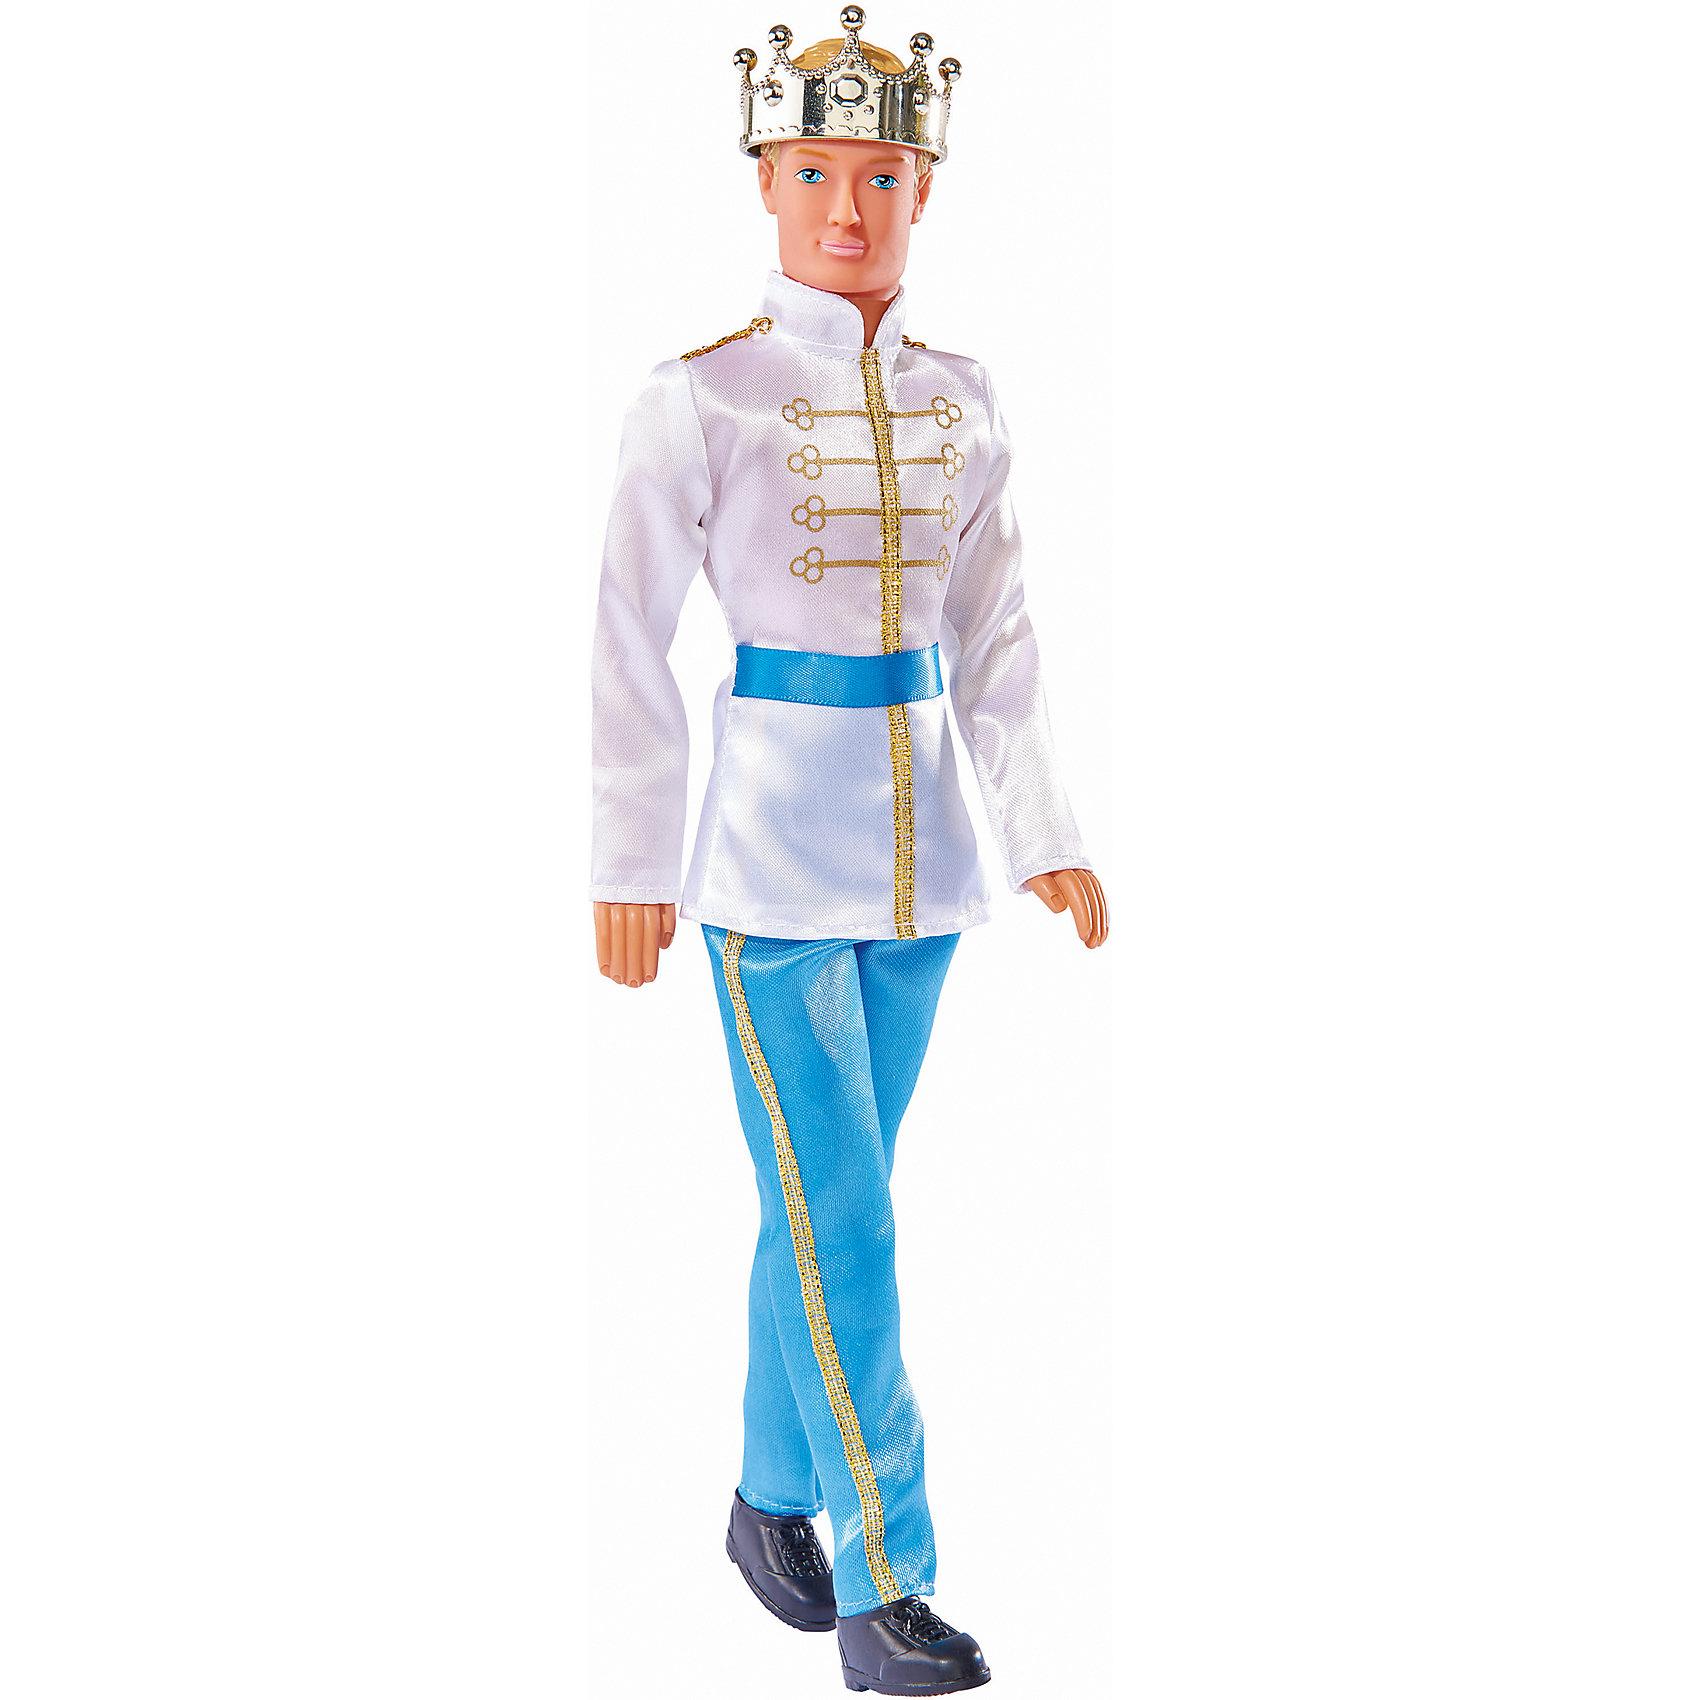 Фото картинки принца предлагают